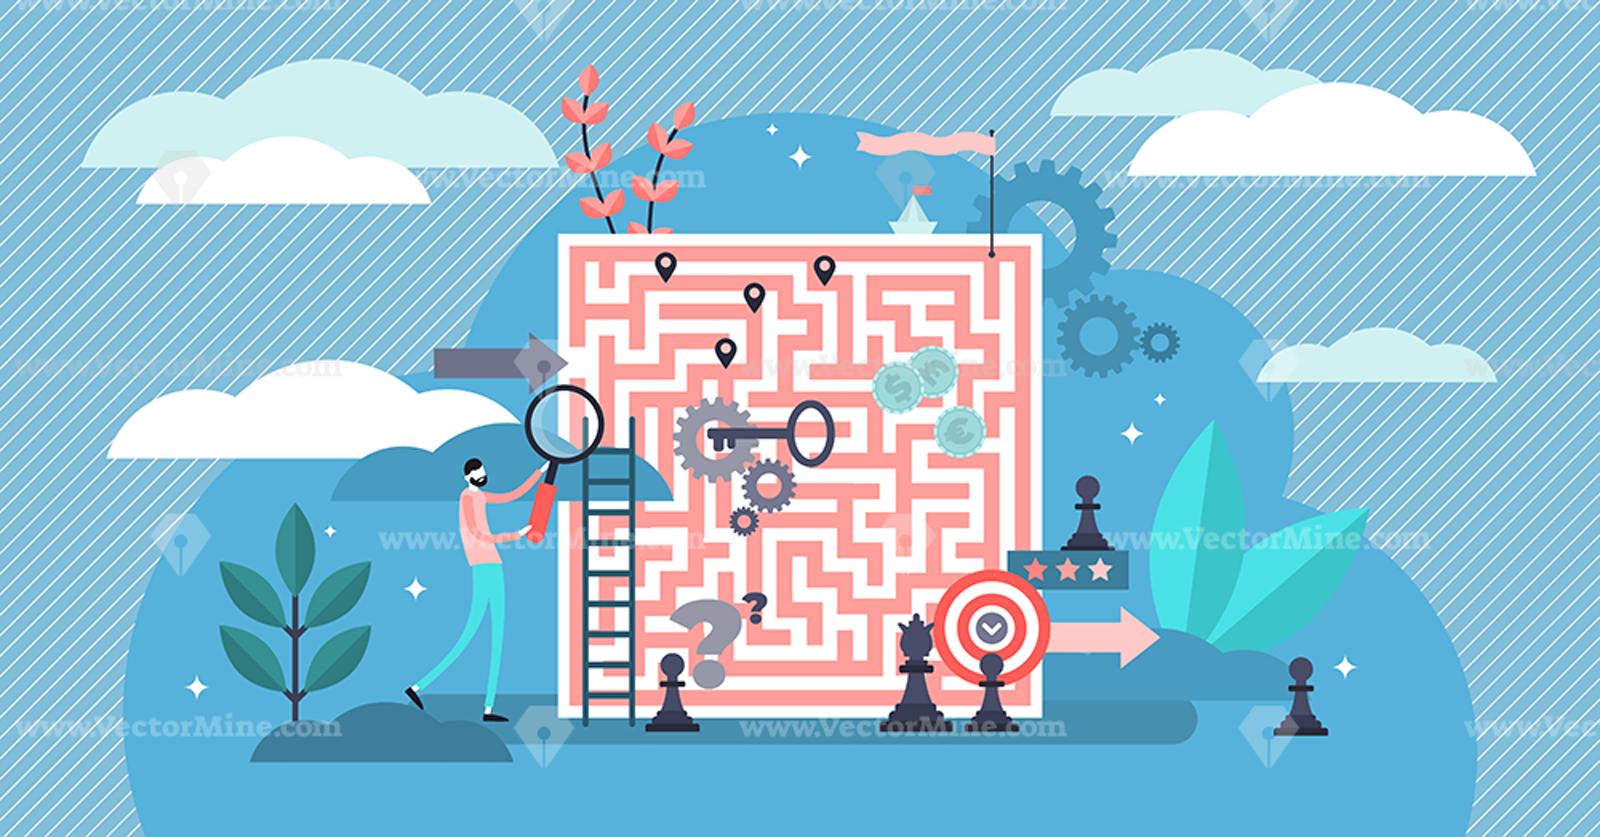 Problem Solving Vector Illustration Vector Illustration Problem Solving Illustration